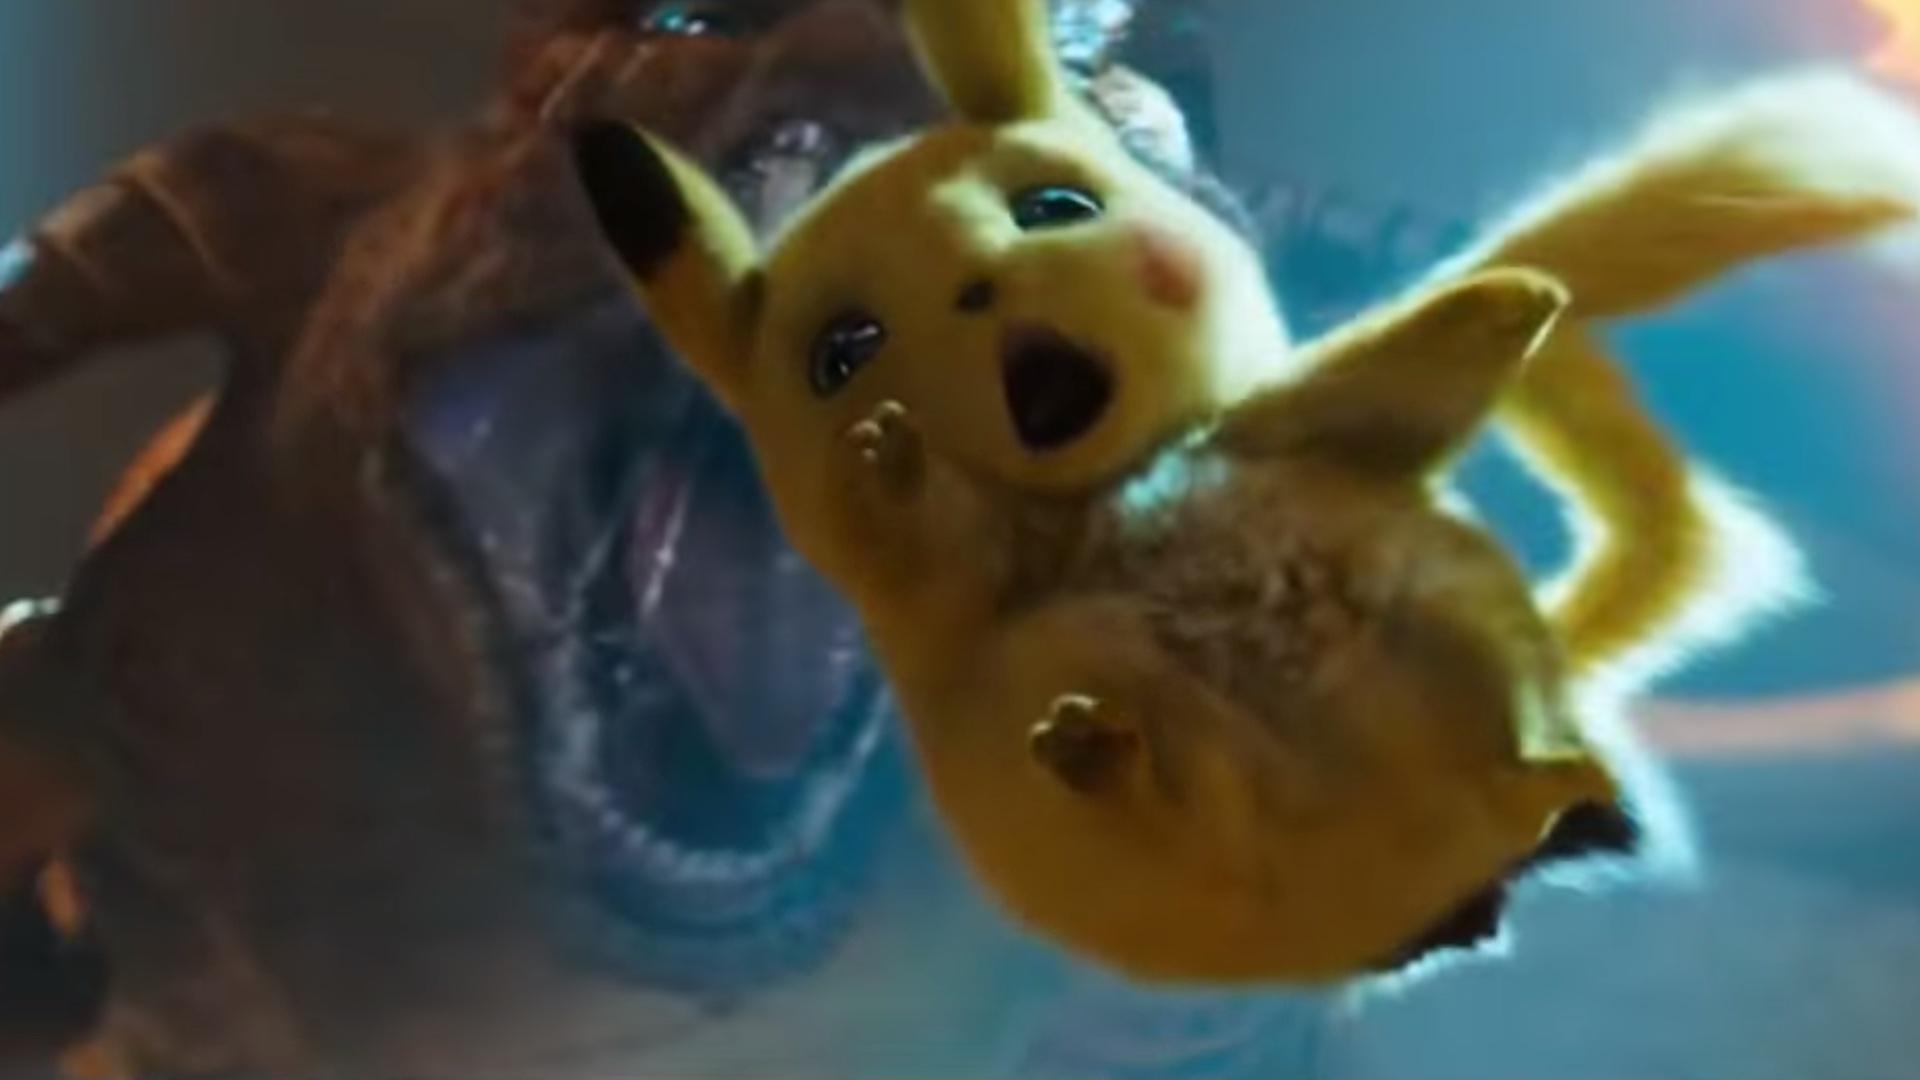 Pokémon Detective Pikachu Wallpapers Wallpaper Cave